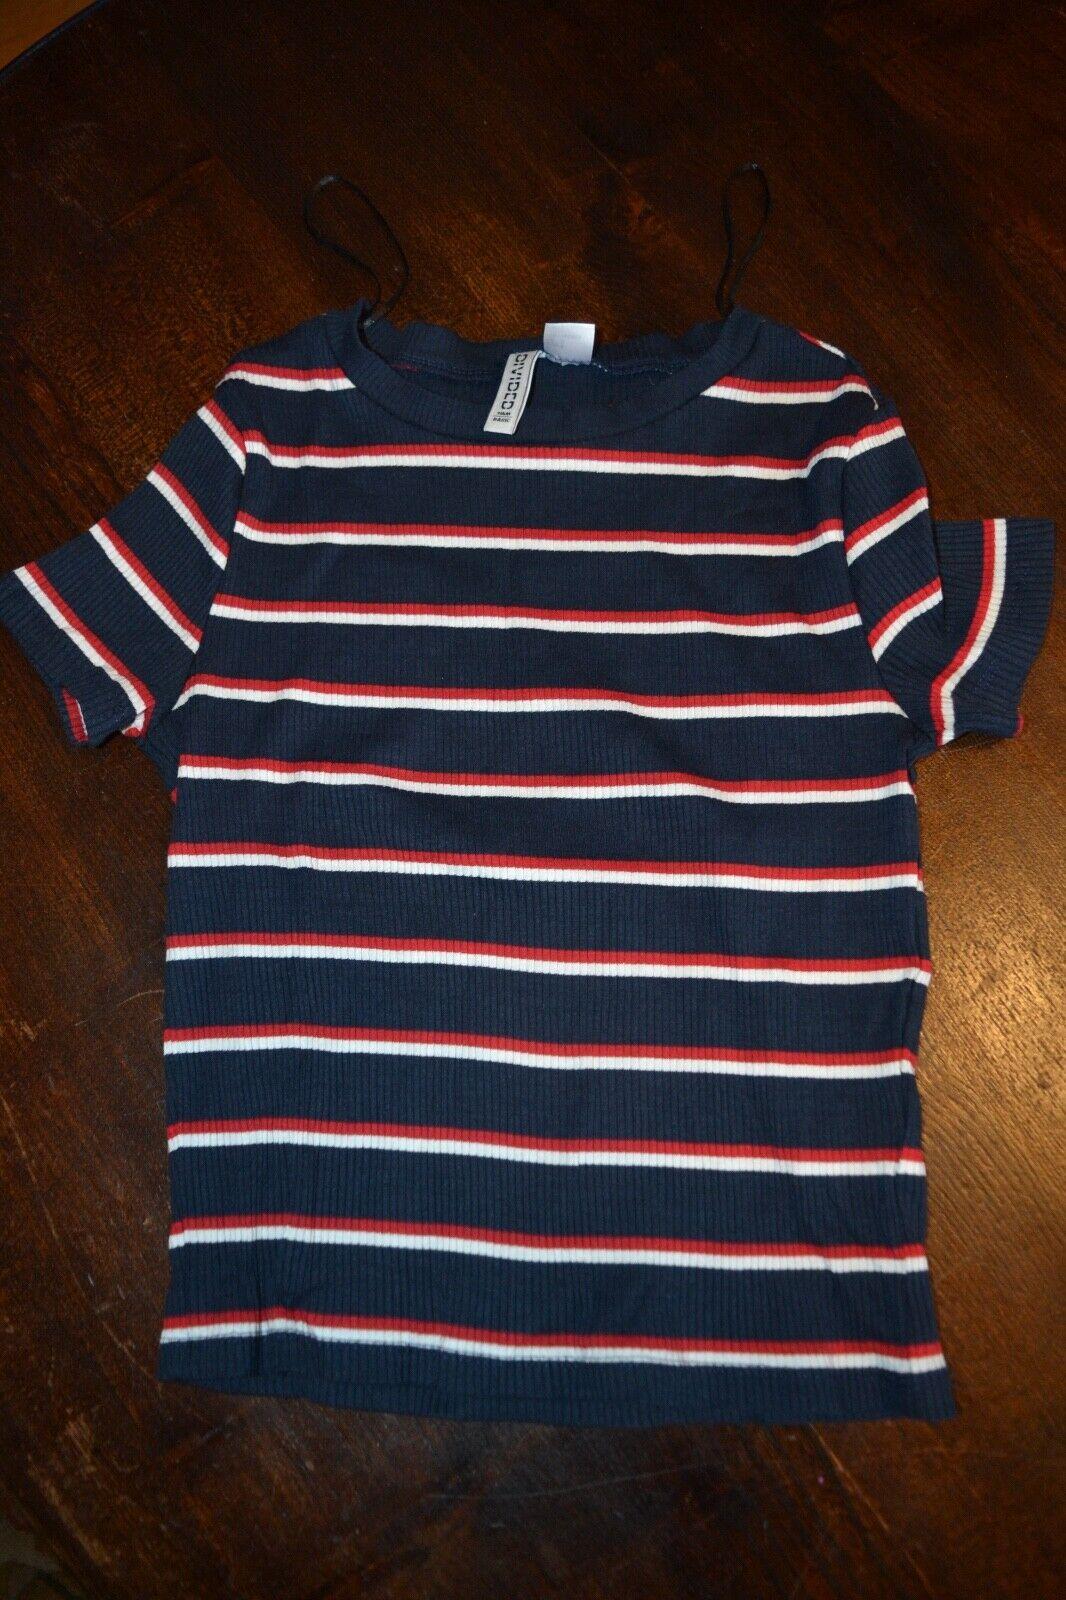 ... à manches courtes S T-shirt h&m (divisé de base) Côtelé 95% coton & Elastine 5% E1